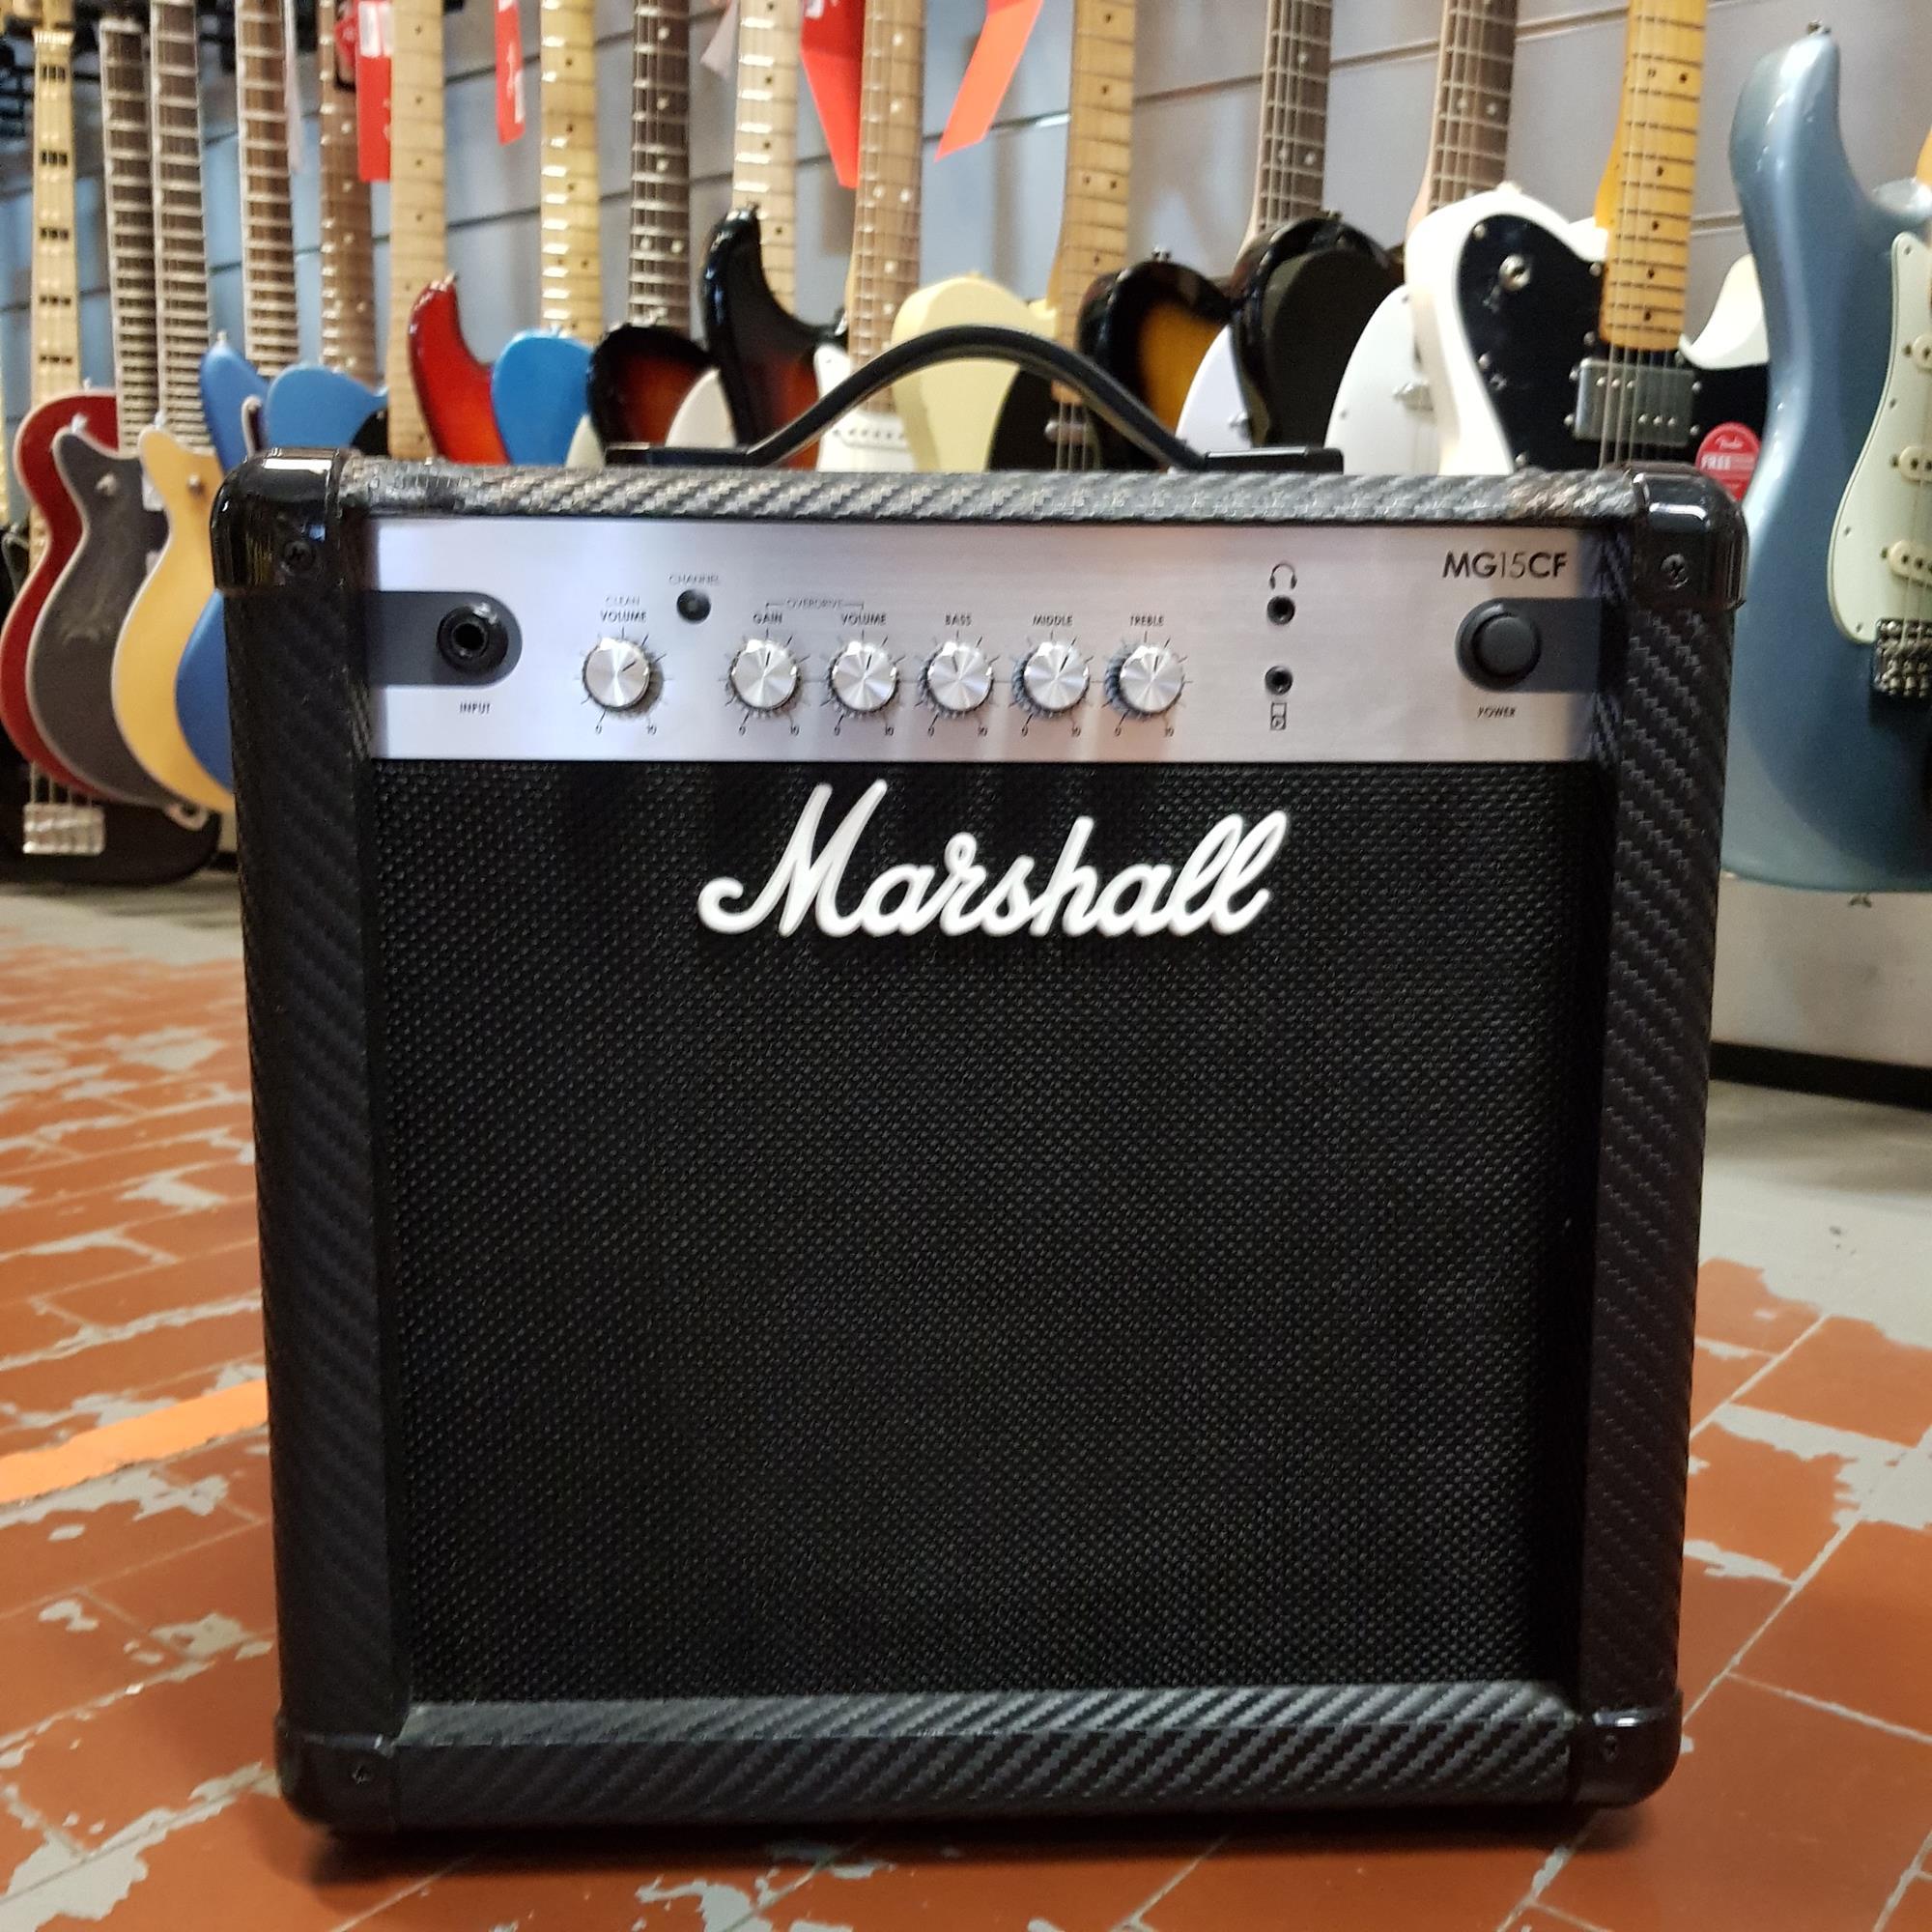 MARSHALL-MG15CF-sku-1625853219987